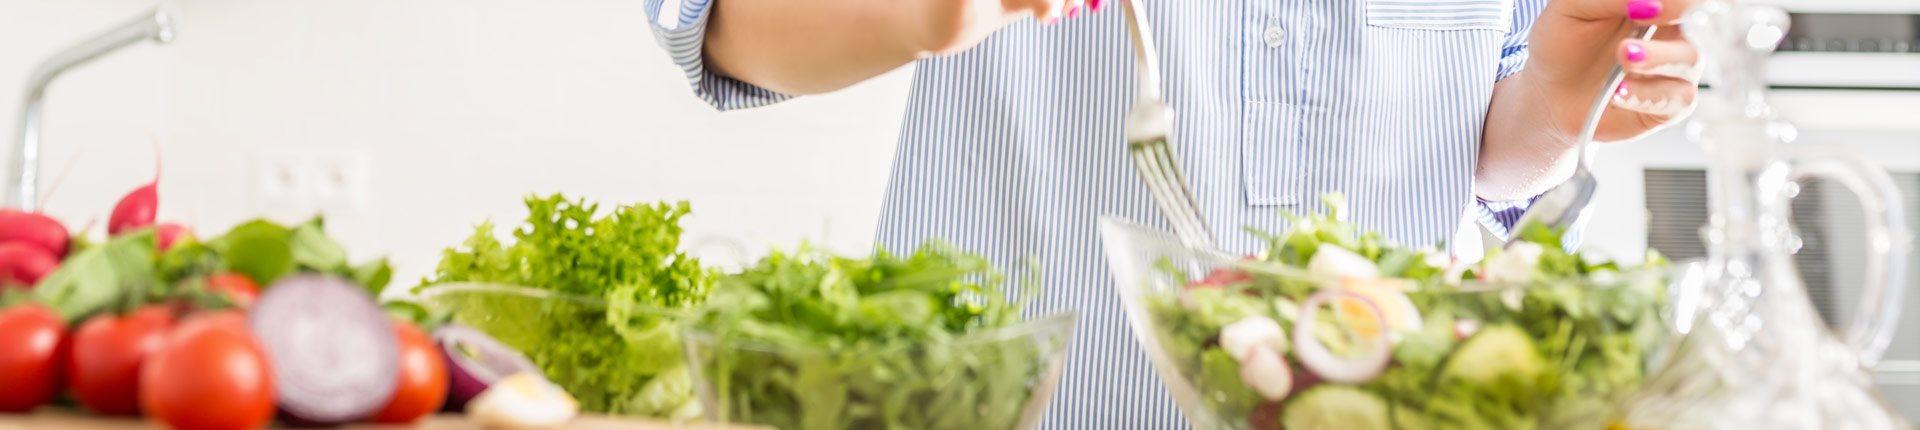 Obawy zdrowotne związane z dietami roślinnymi - co warto wiedzieć?